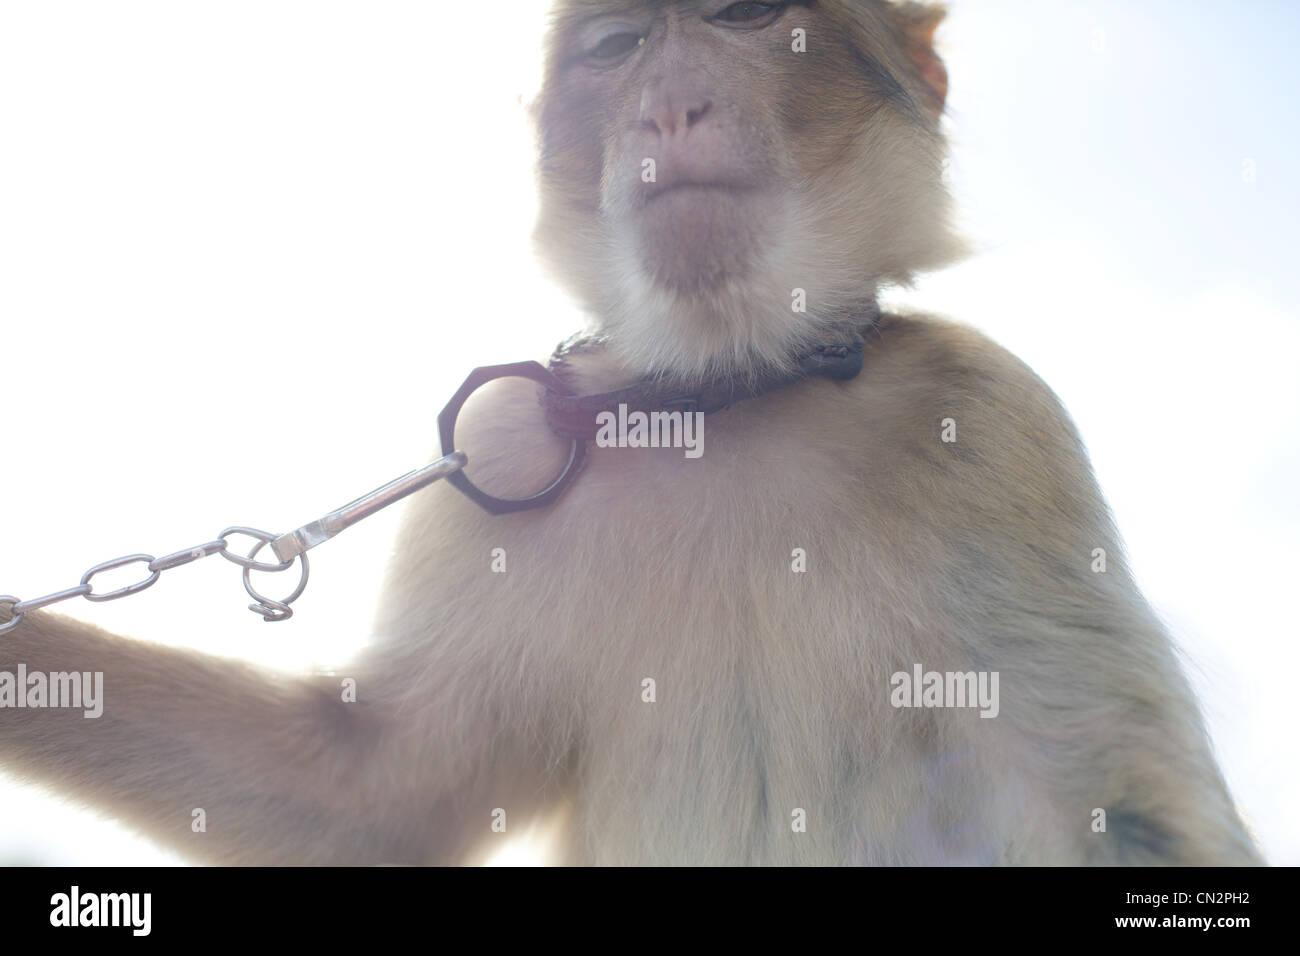 Monkey wearing pet collar - Stock Image